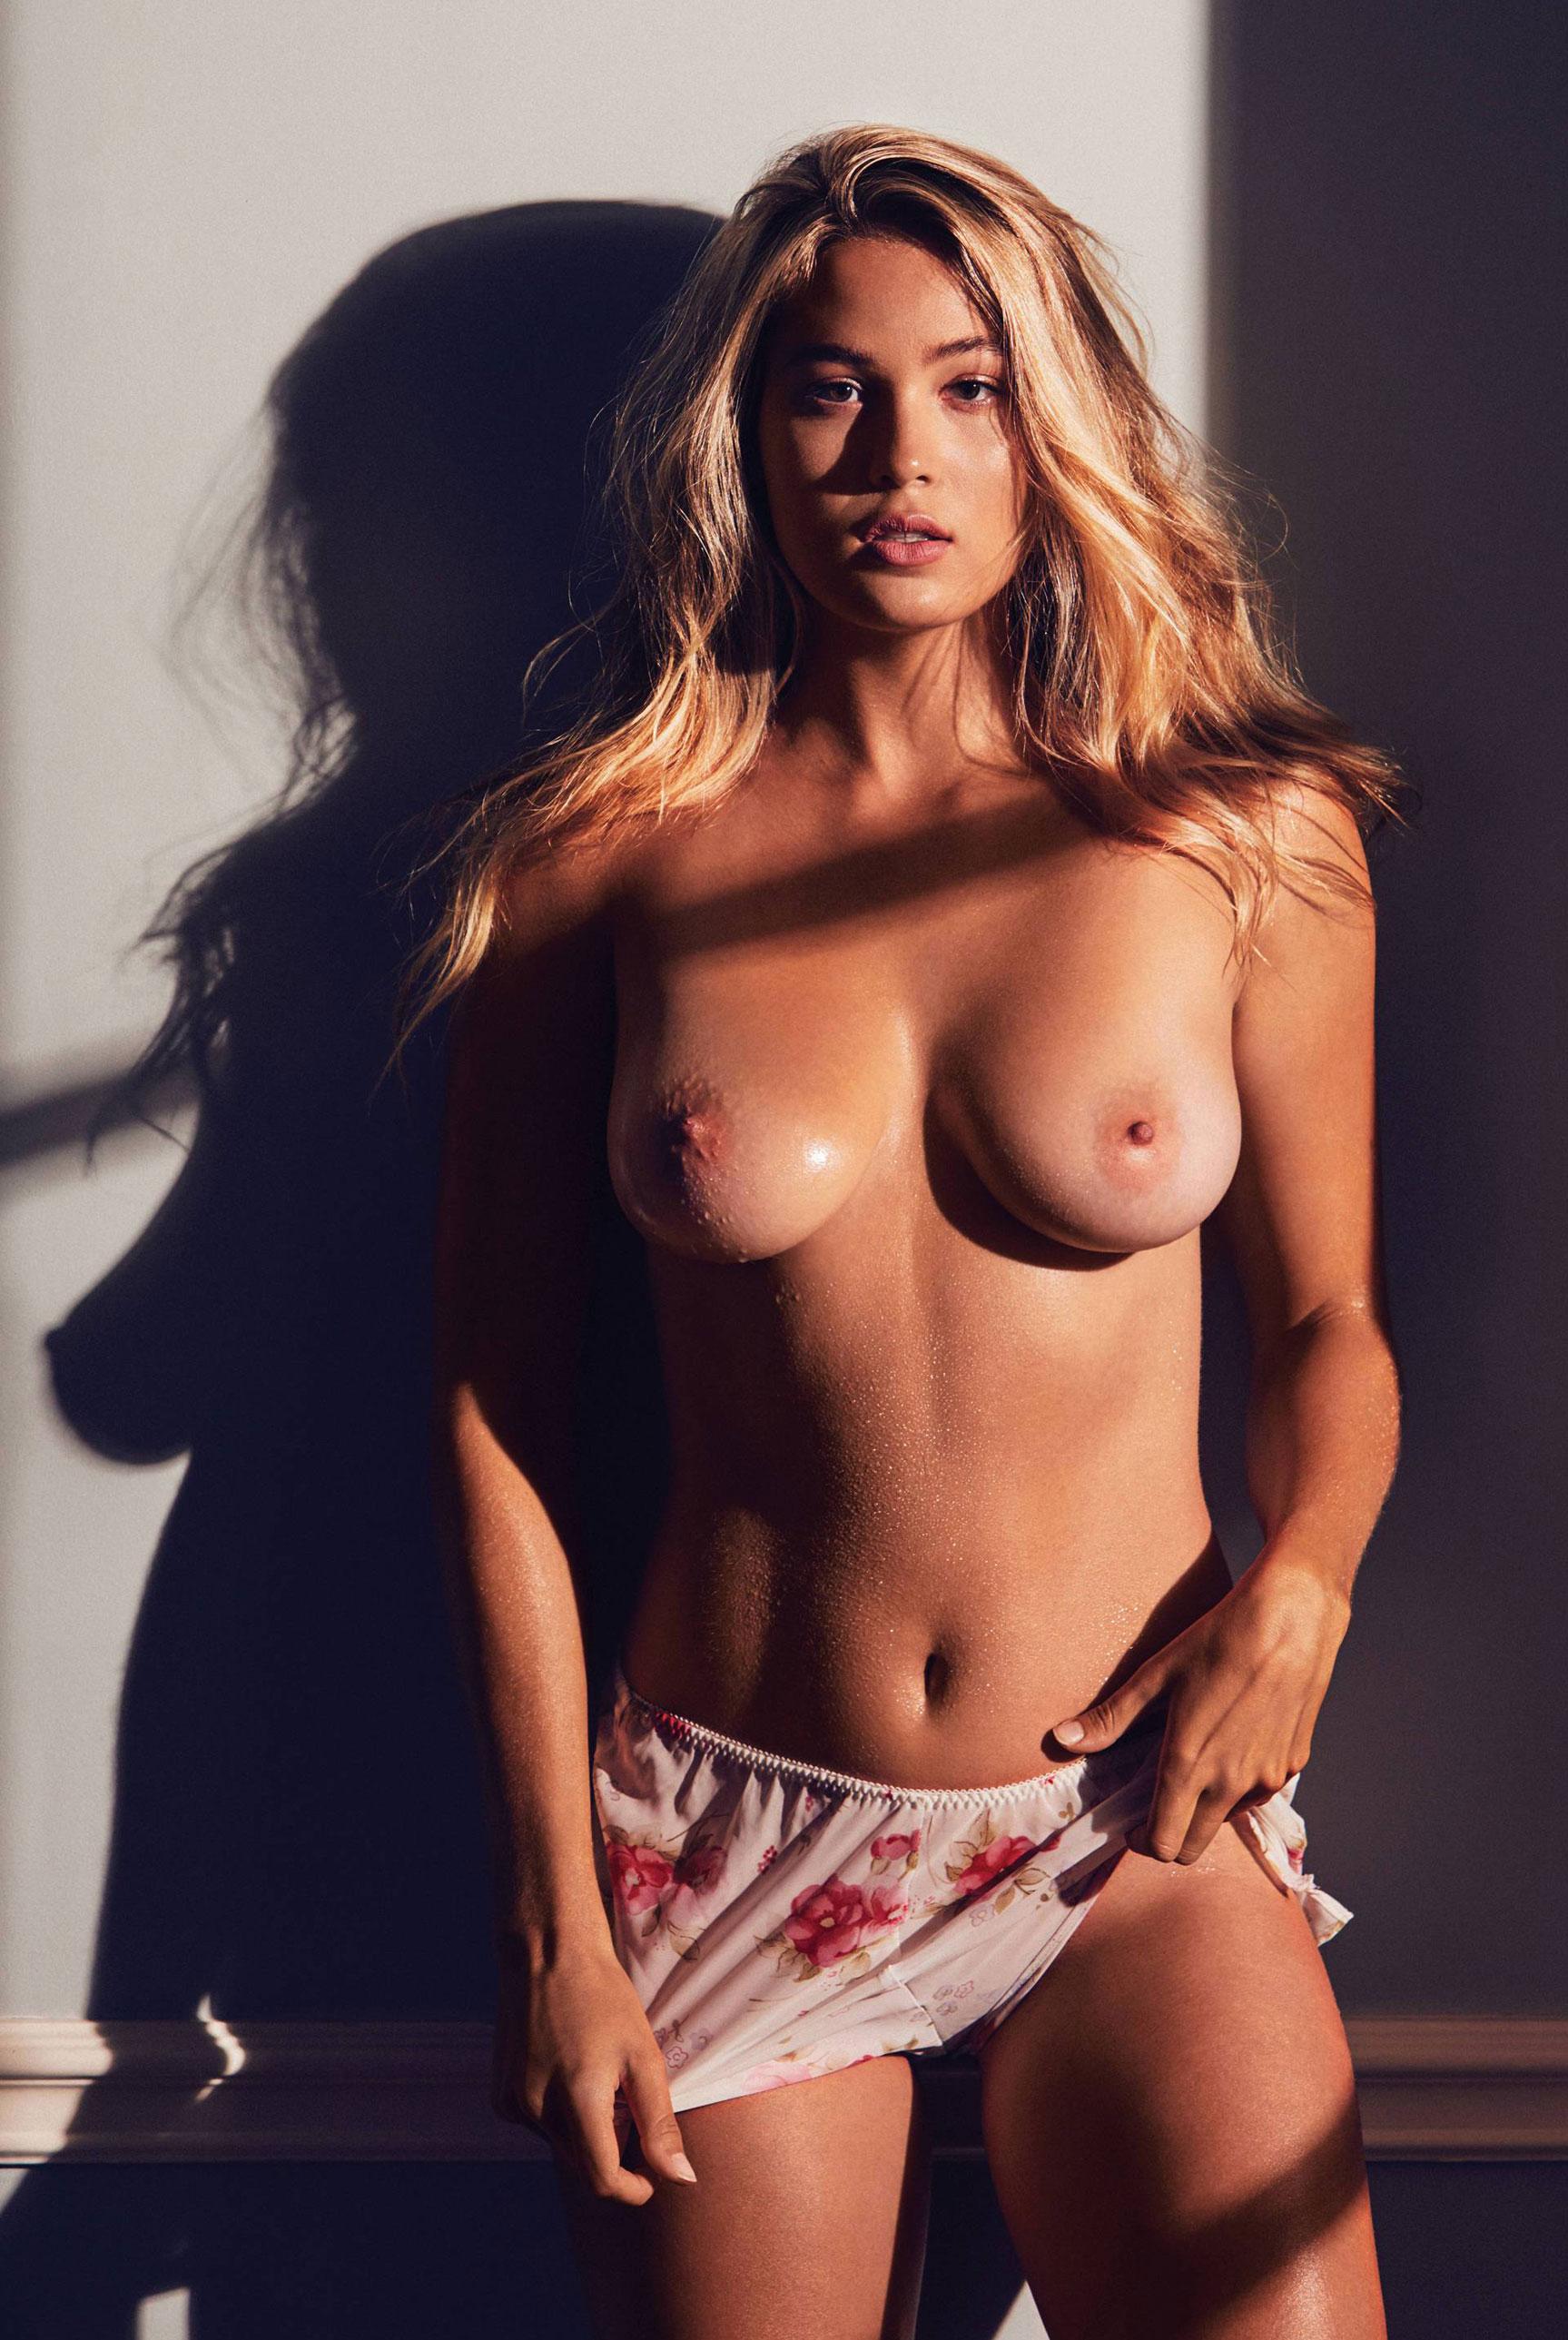 подборка фотографий сексуальных голых девушек - Megan Moore